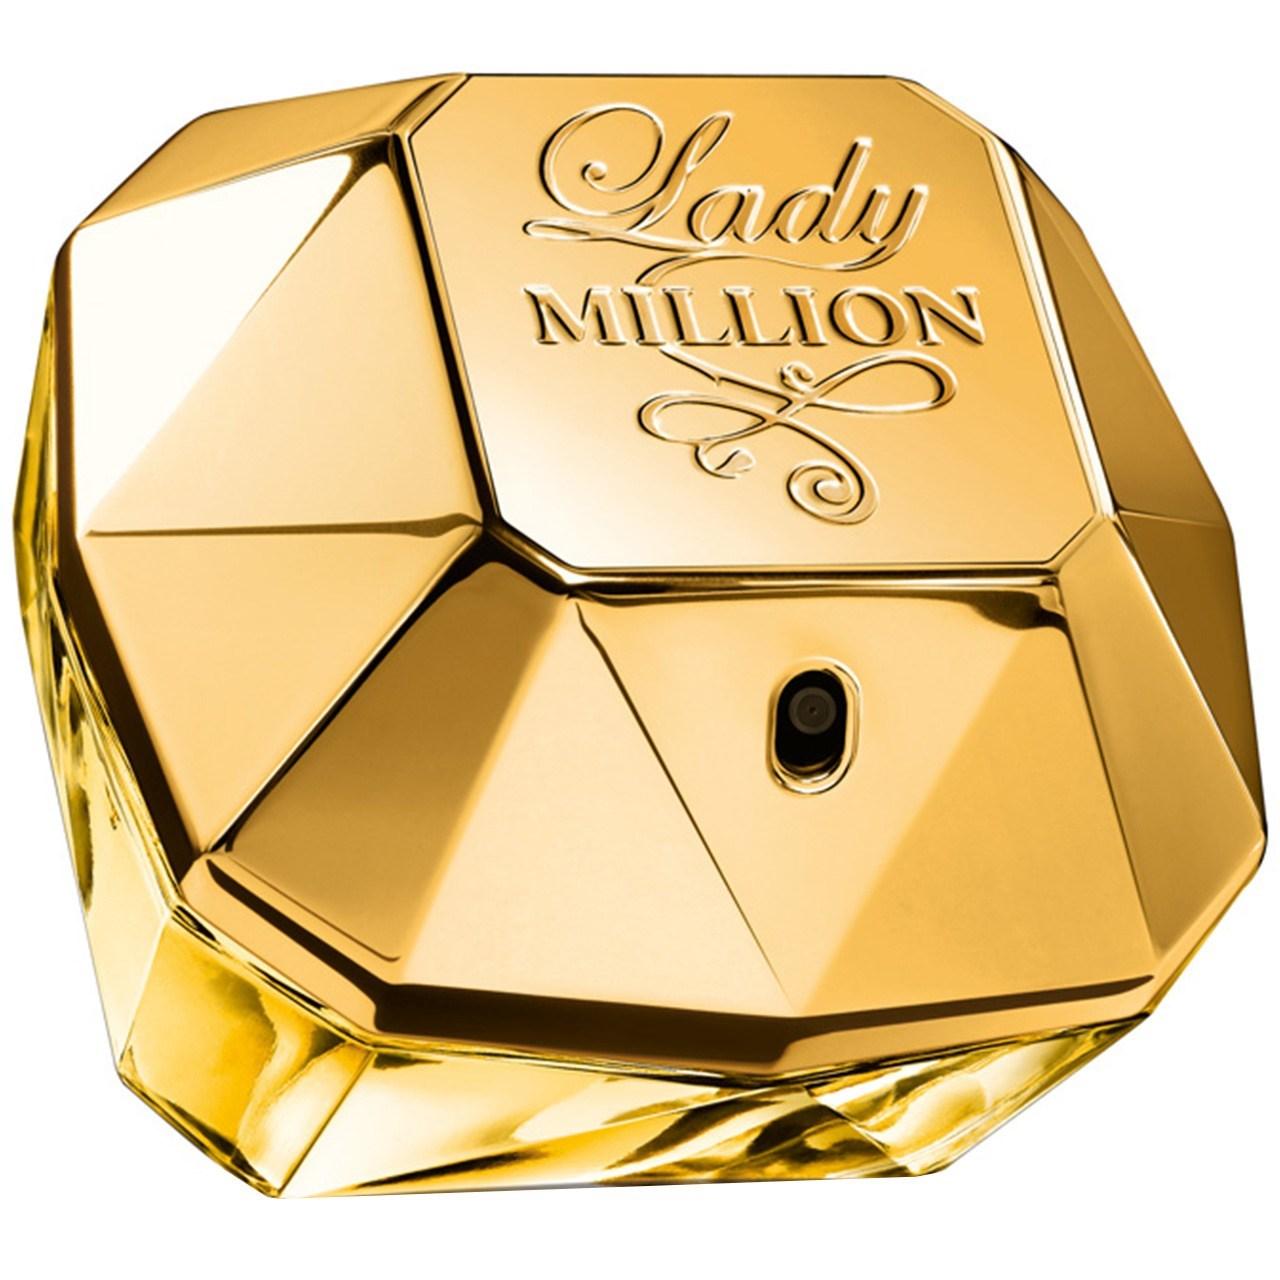 تستر ادو پرفیوم زنانه پاکو رابان مدل Lady Million حجم 80 میلی لیتر